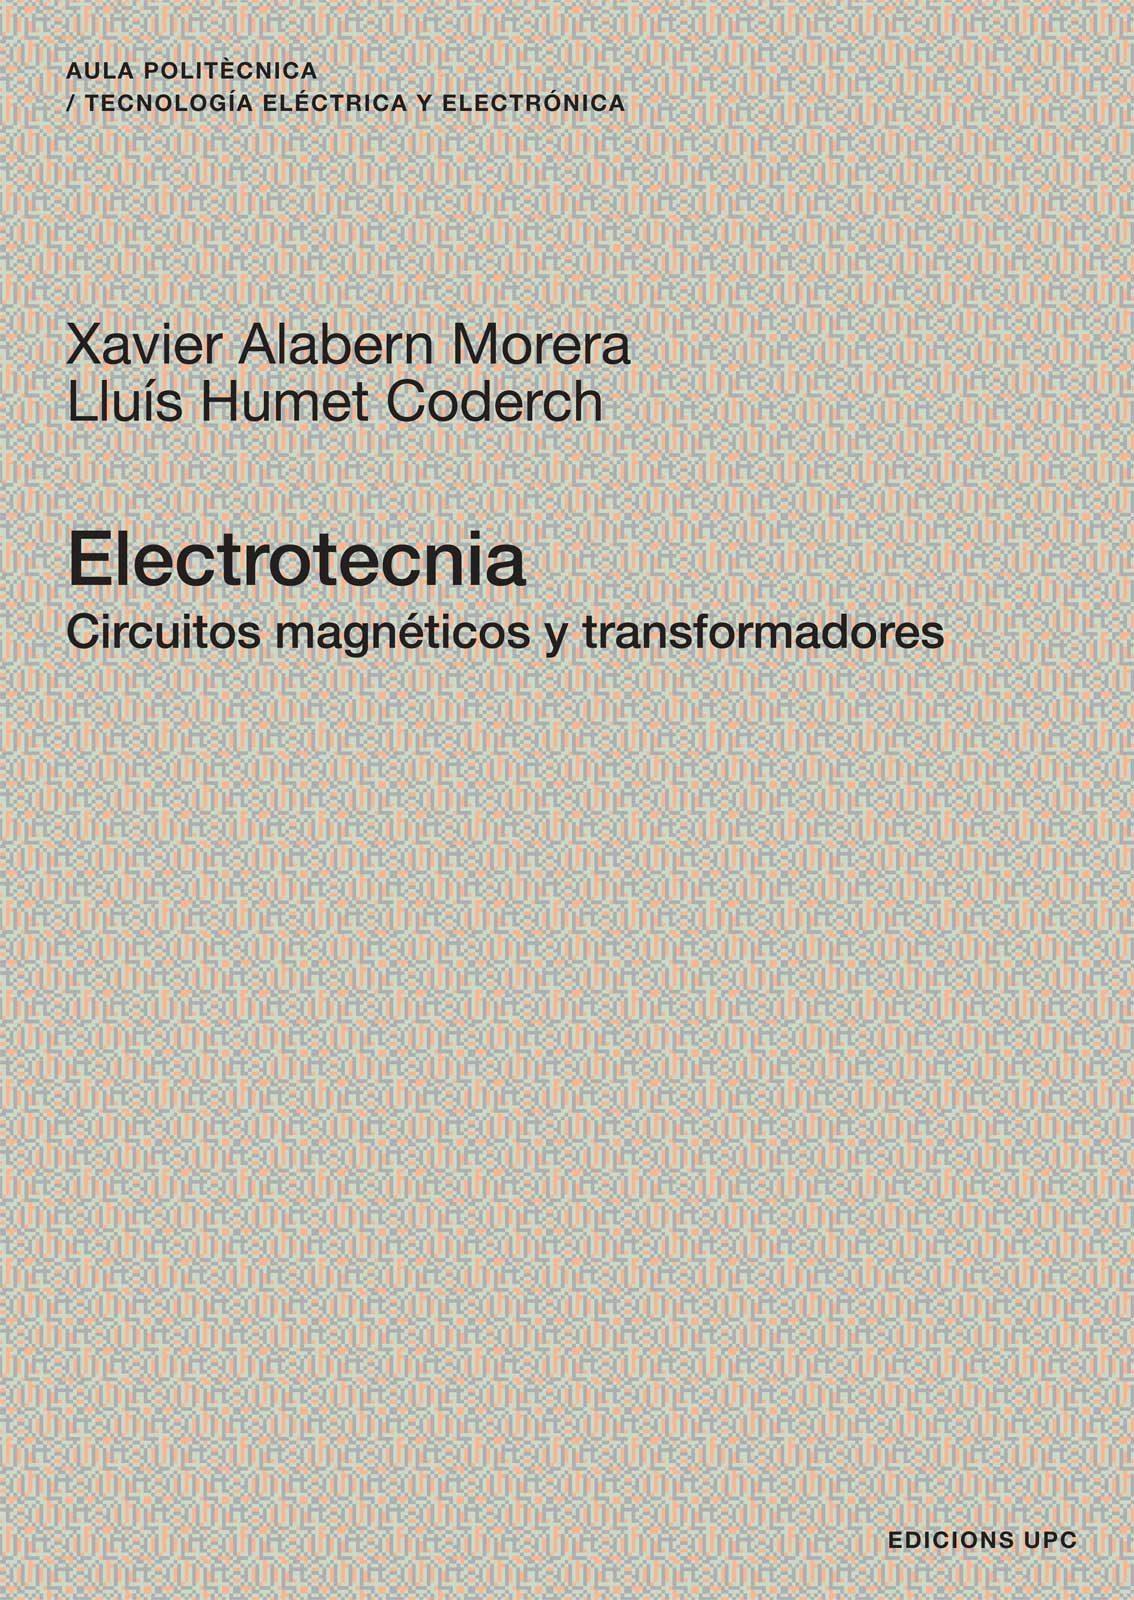 Electrotecnia Circuitos Magneticos Y Transformadores - Alabern Moreraxavier